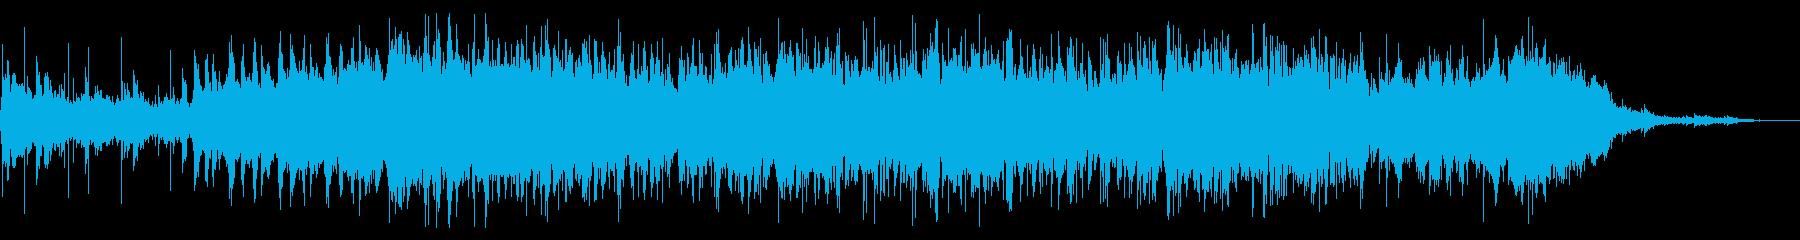 グリッチでなアンビエントIDMの再生済みの波形